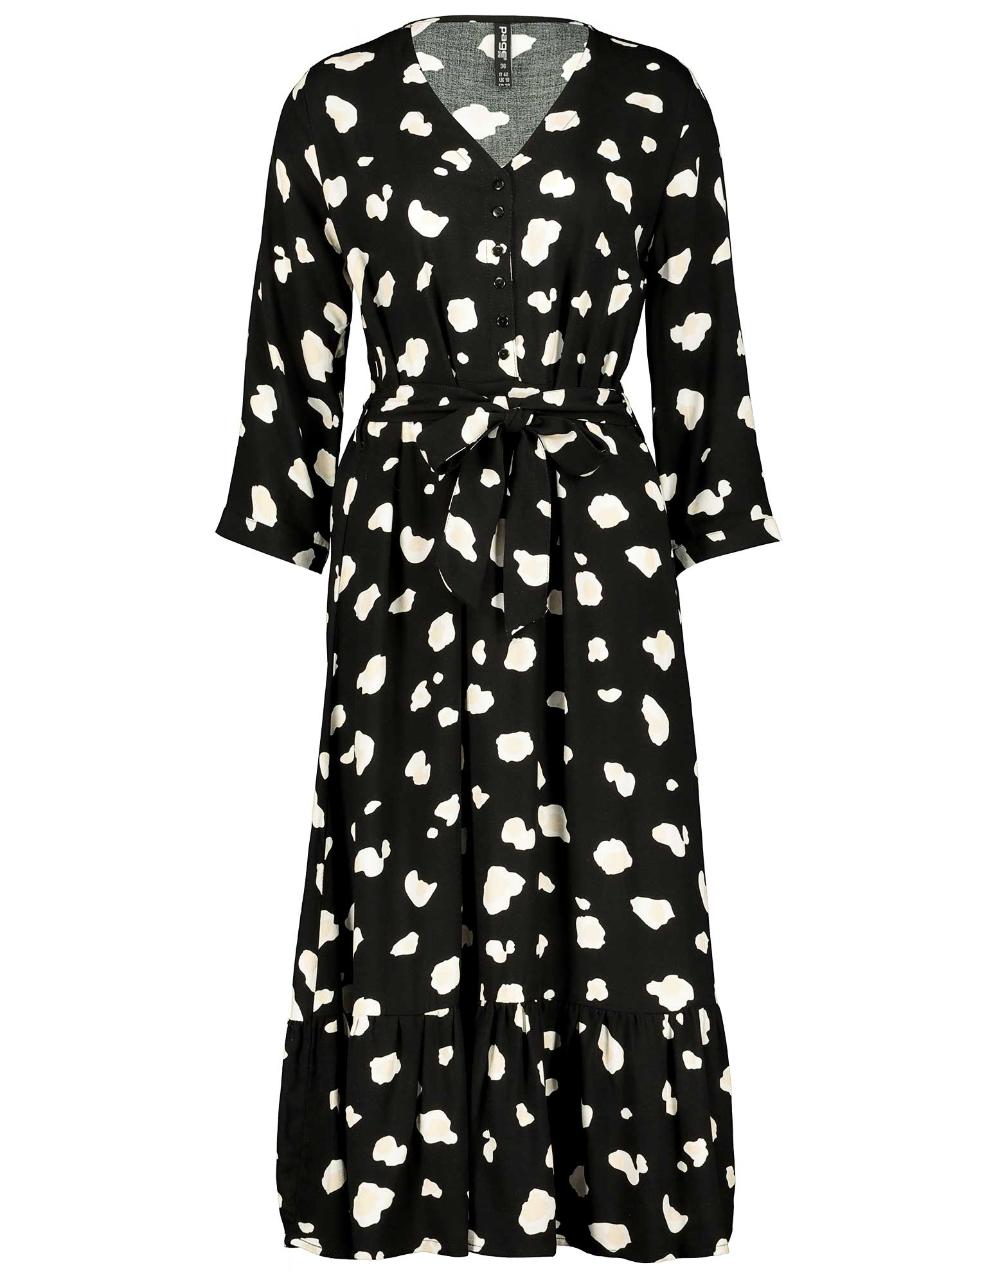 Damen Stufenkleid mit Allover Muster   Takko Fashion   Modestil ...